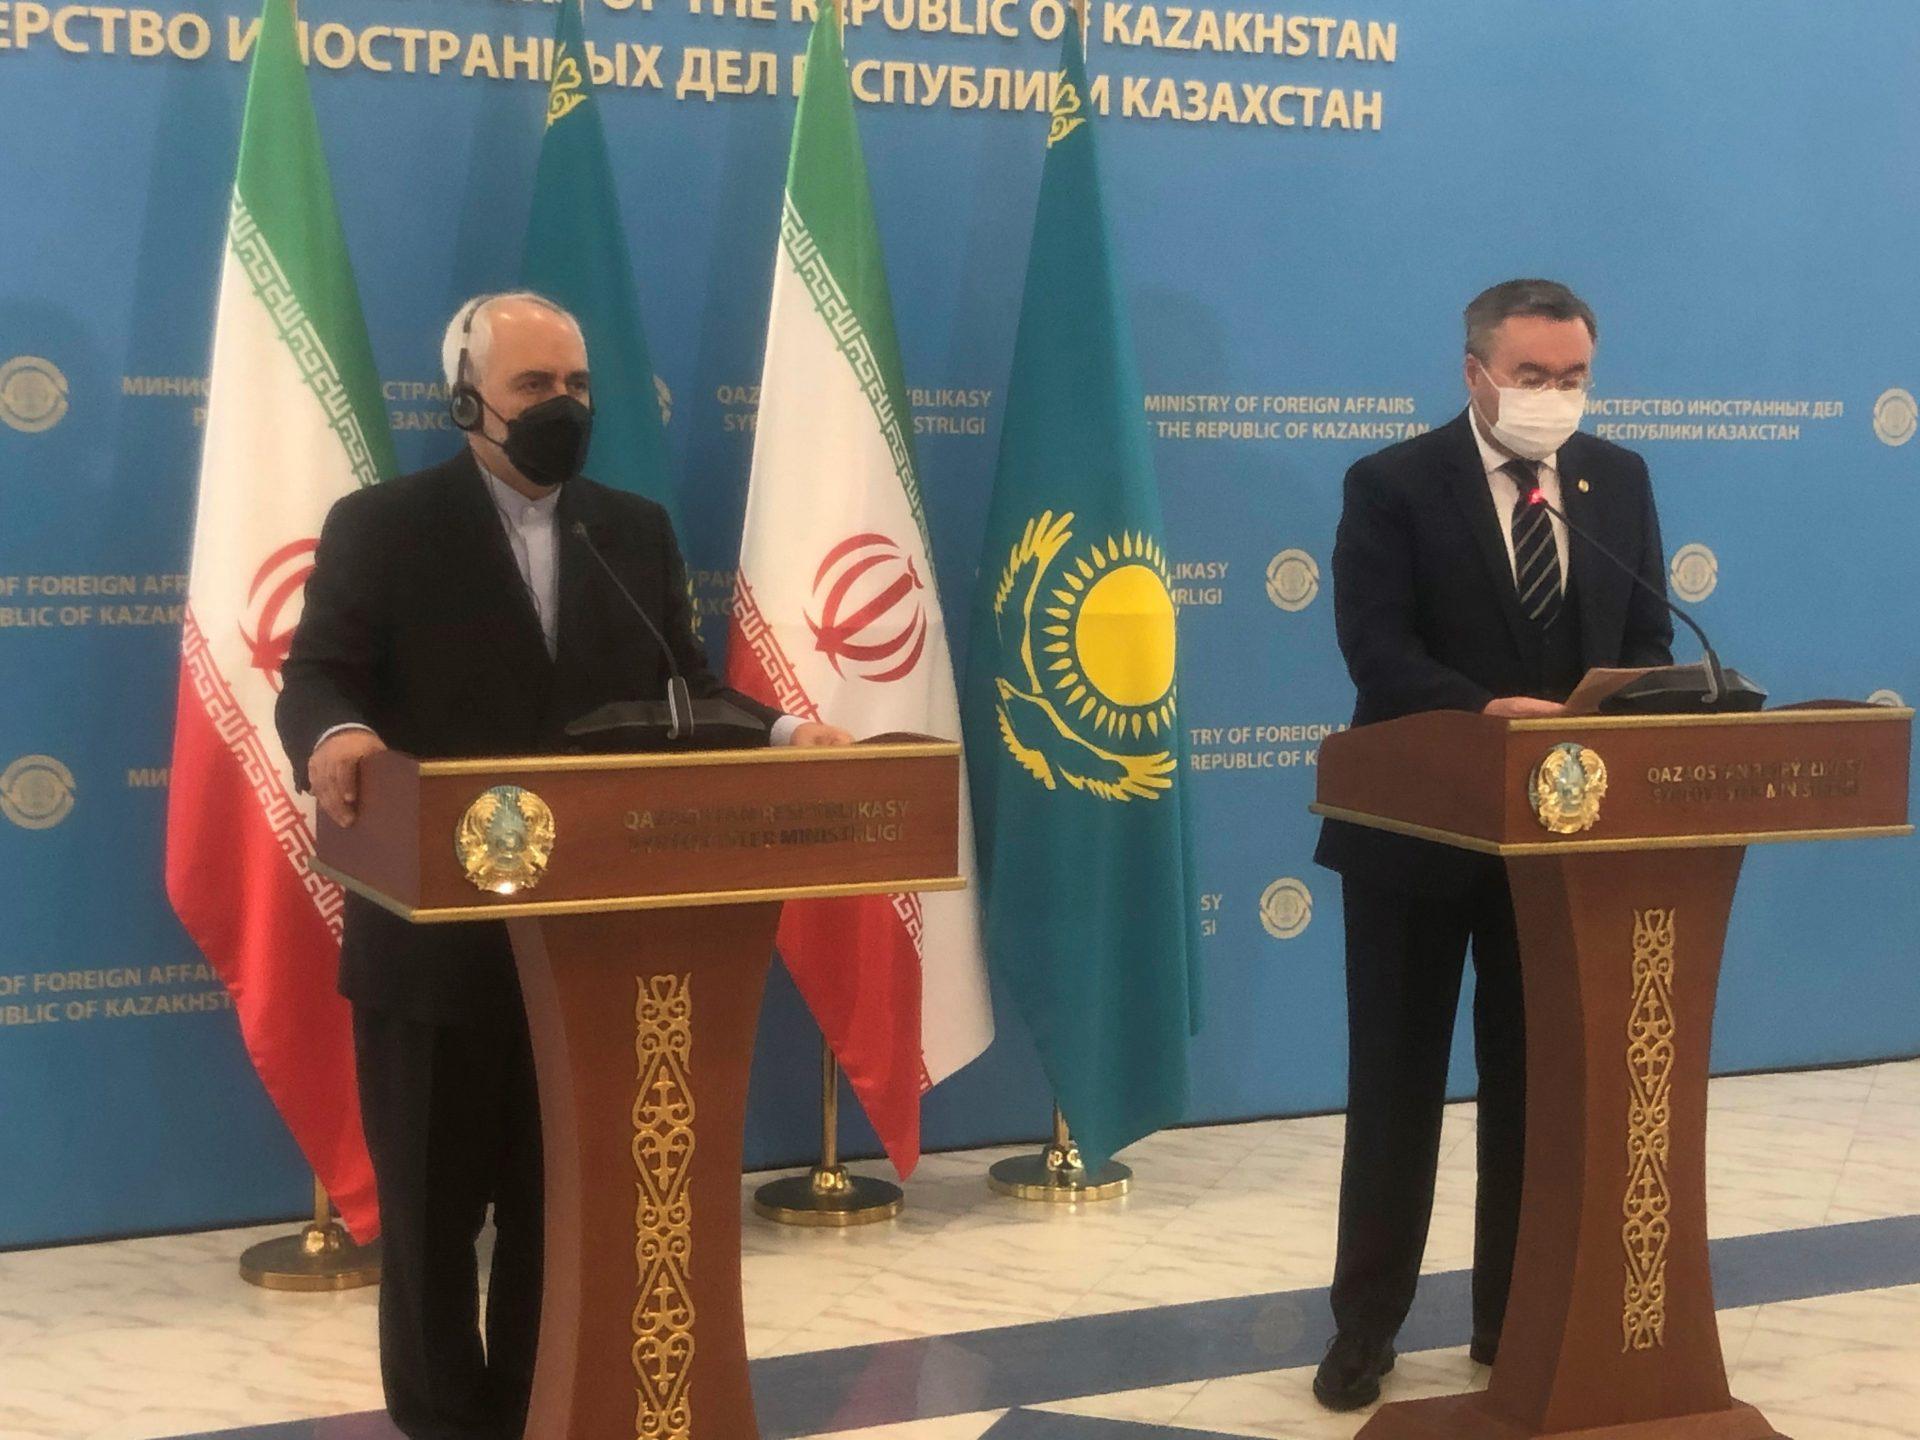 """GRAF8932. NUR-SULTÁN, 07/04/2021.- El ministro kazajo de Exteriores, Mujtar Tleuberi (d), y su homólogo iraní, Mohamad Yavad Zarif (i), ofrecen una rueda de prensa tras su reunión, este miércoles, en Nur-Sultán, Kazajistán. Kazajistán e Irán buscarán aumentar su intercambio comercial en 2021 tras registrar una caída de su volumen el año pasado, según declaró este miércoles el ministro kazajo de Exteriores. """"En 2020 el intercambio comercial entre Kazajistán e Irán fue de 237 millones de dólares, es decir, bajó en un 37,2 % en comparación con 2019"""", dijo Tleuberi tras entrevistarse con su colega iraní. EFE/ Kulpash Konyrova"""